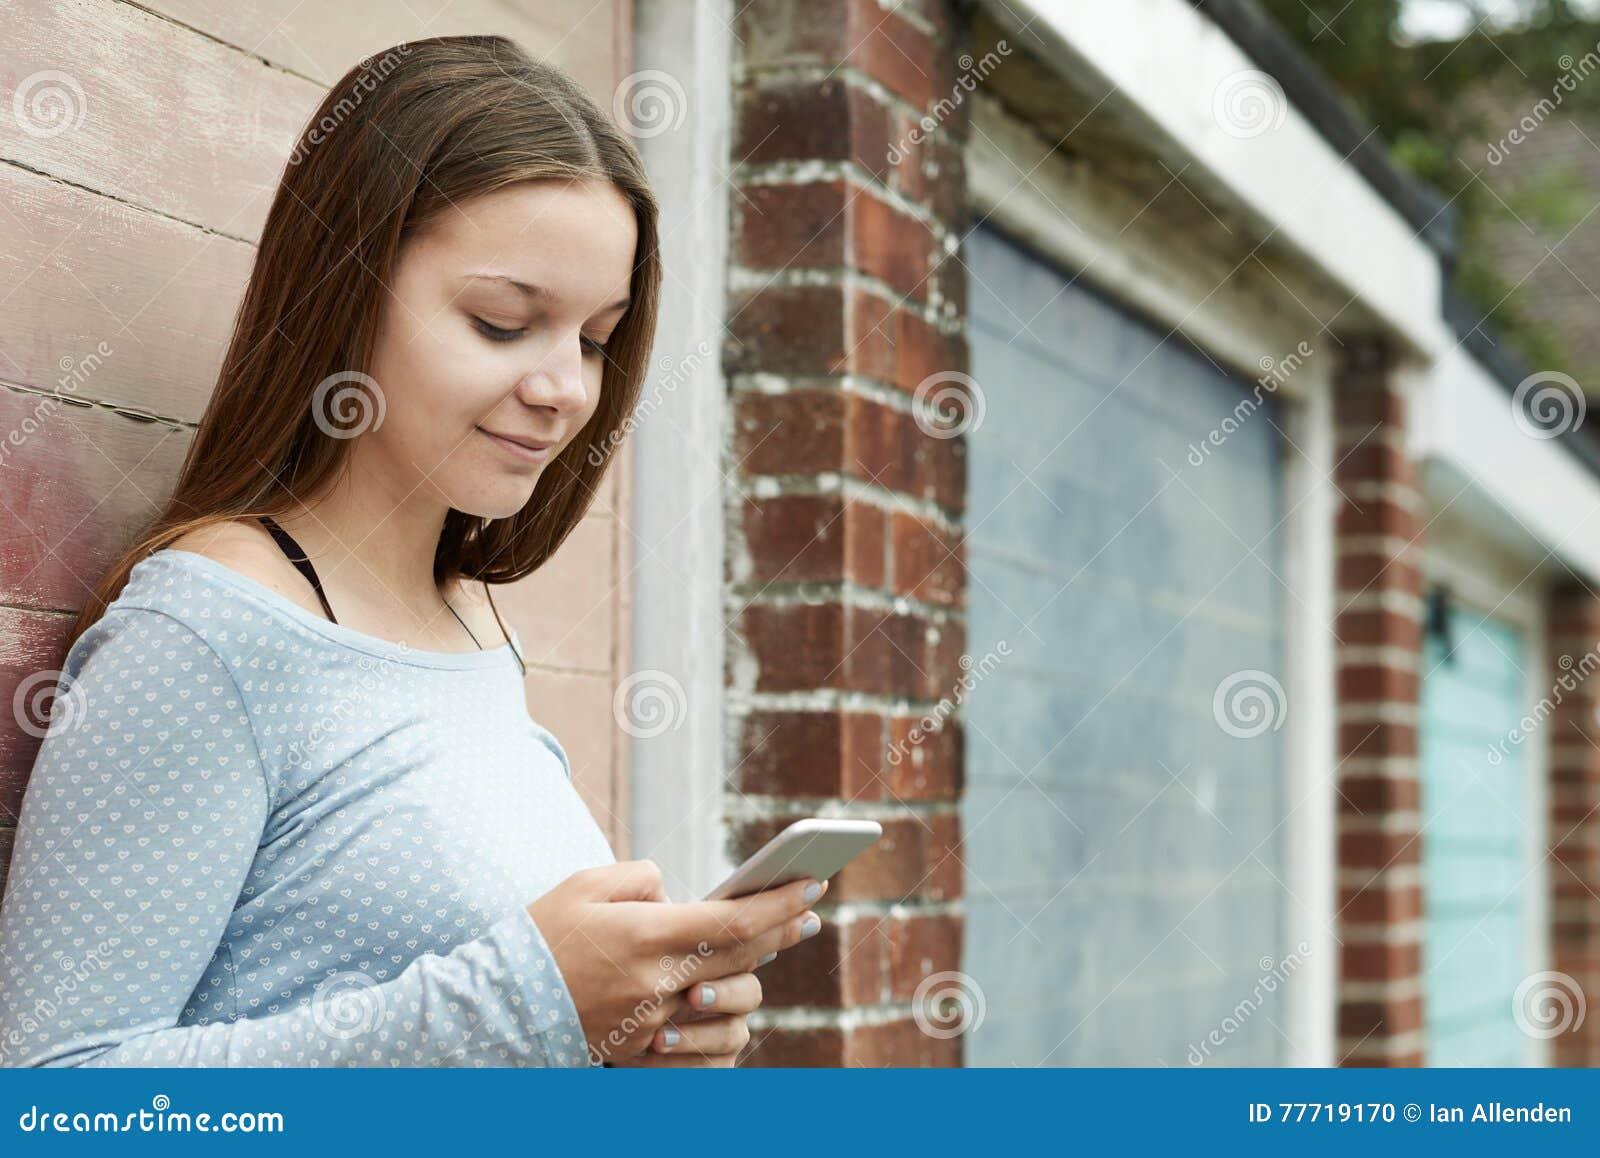 Tiener Texting op Mobiele Telefoon in het Stedelijke Plaatsen